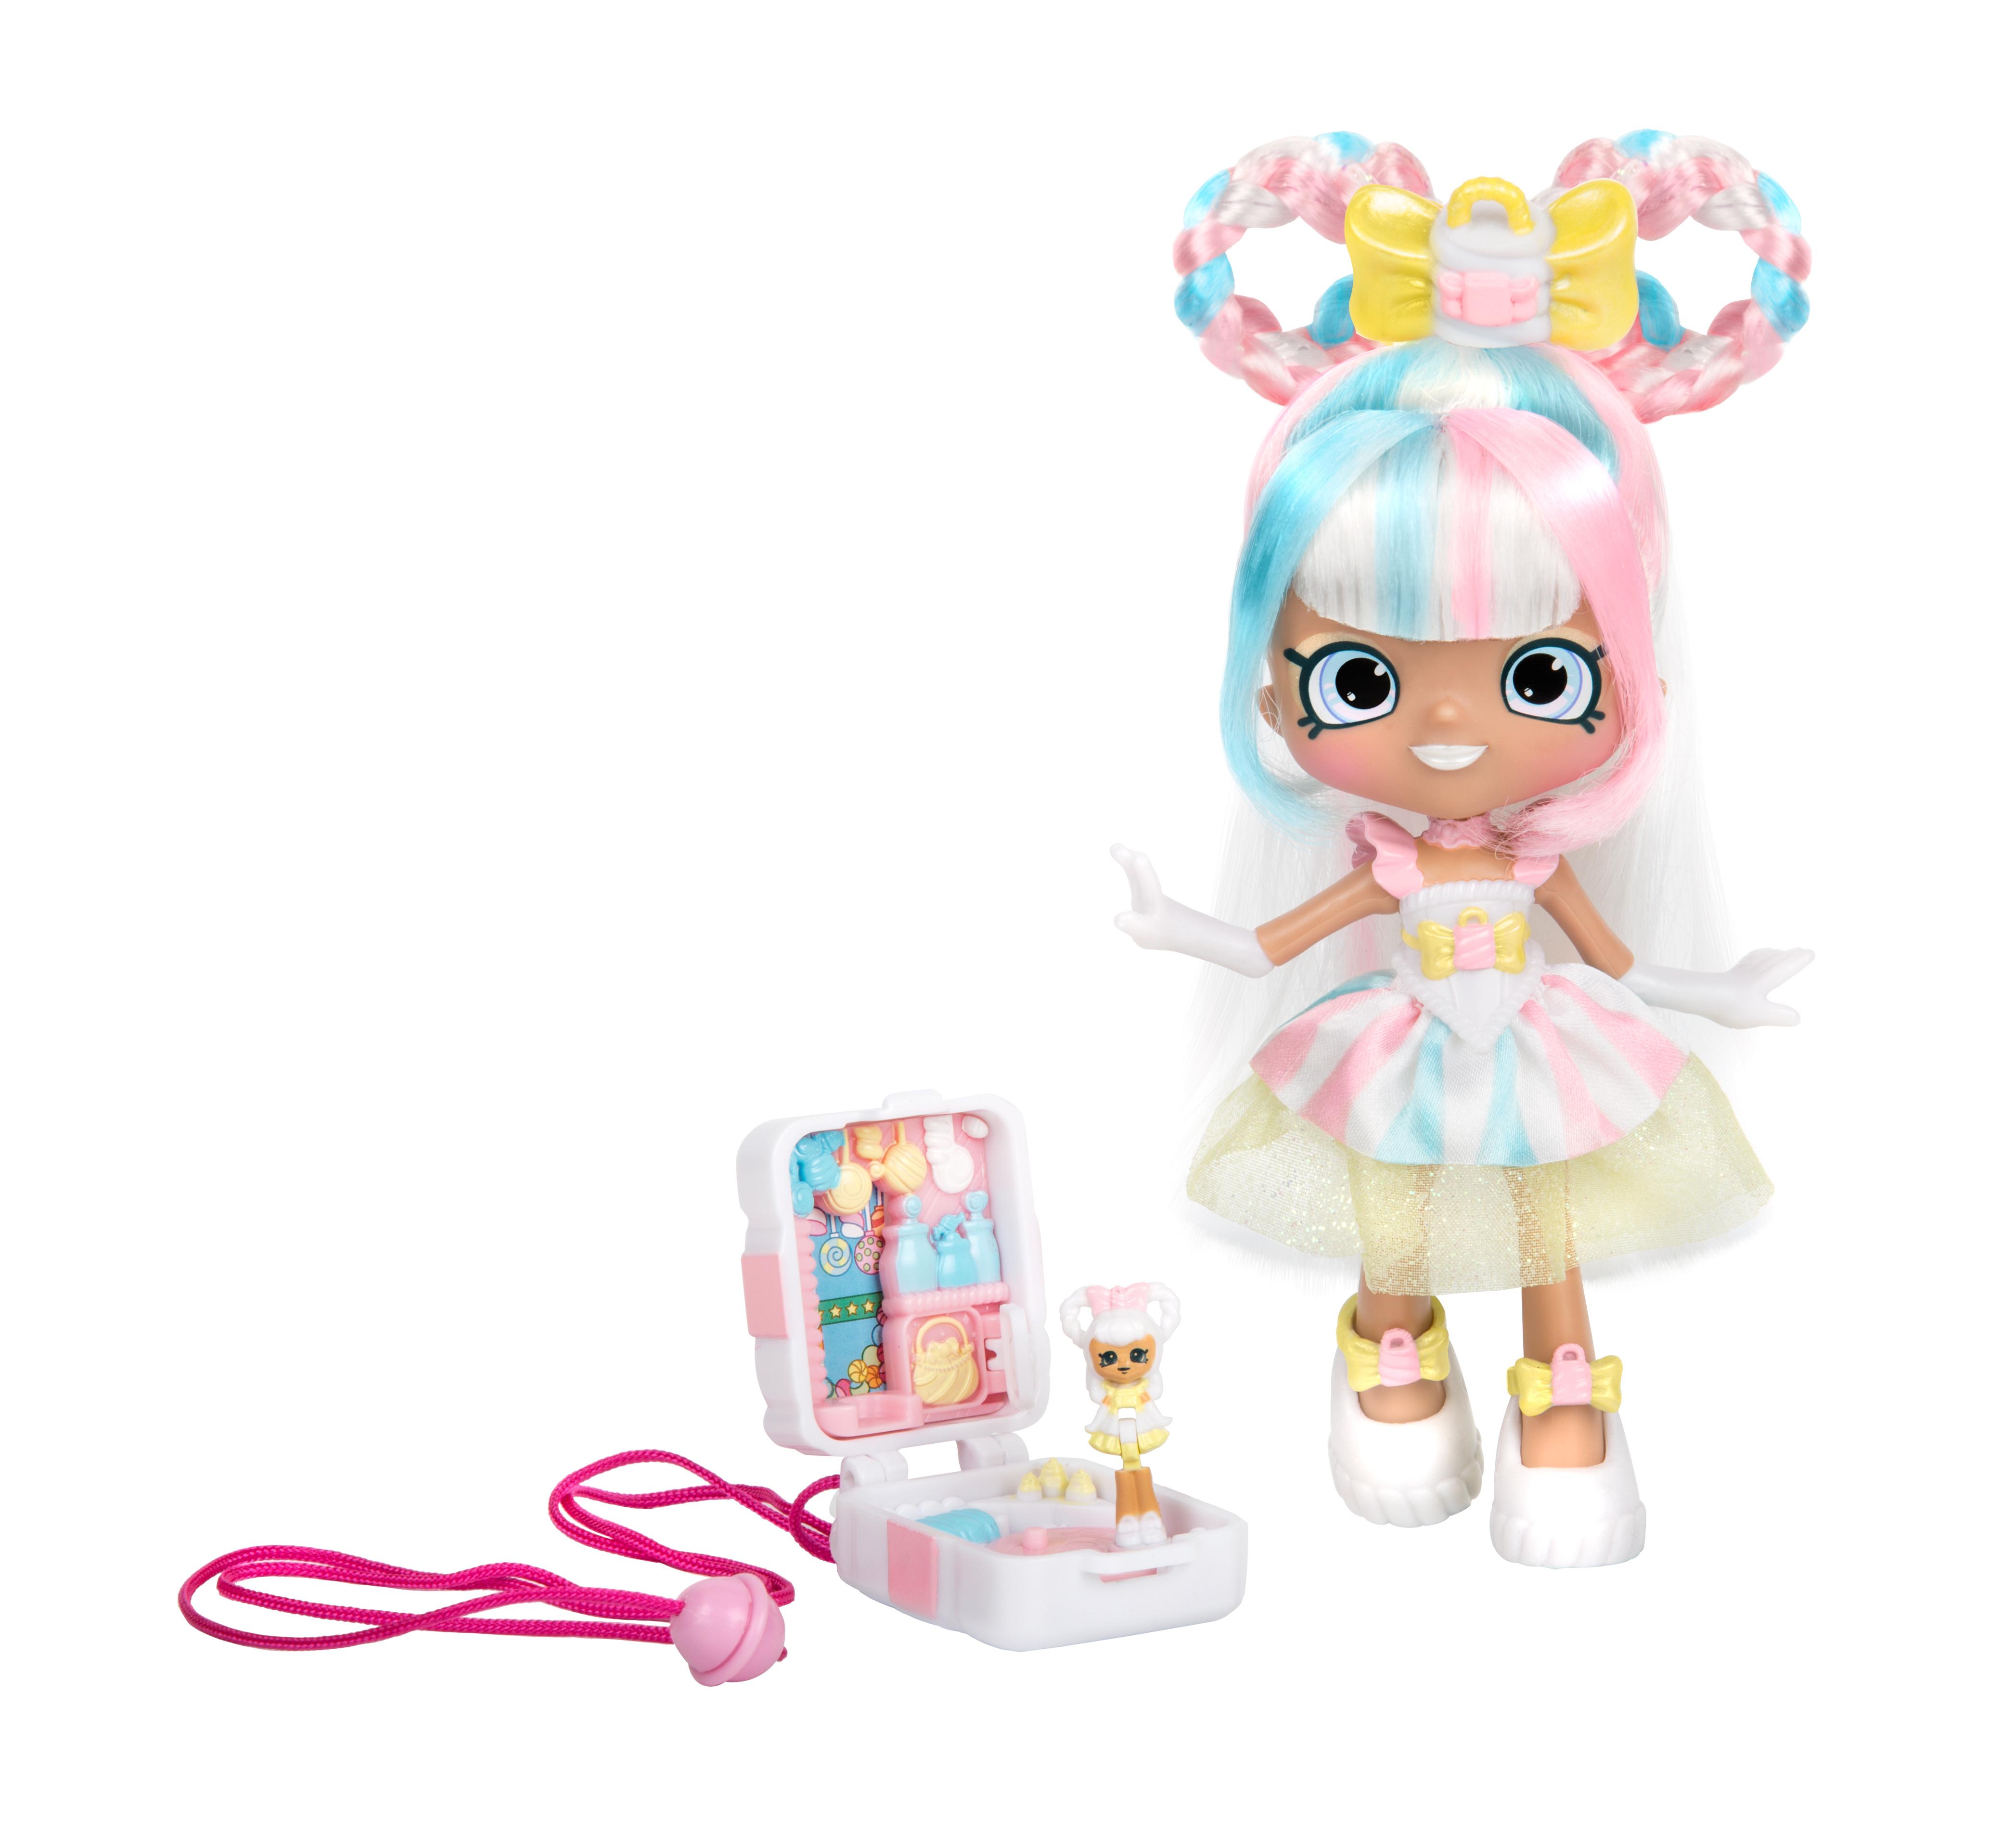 Купить Другие куклы, Lil Secrets. Shoppies Маршмеллоу, Moose, Китай, Женский